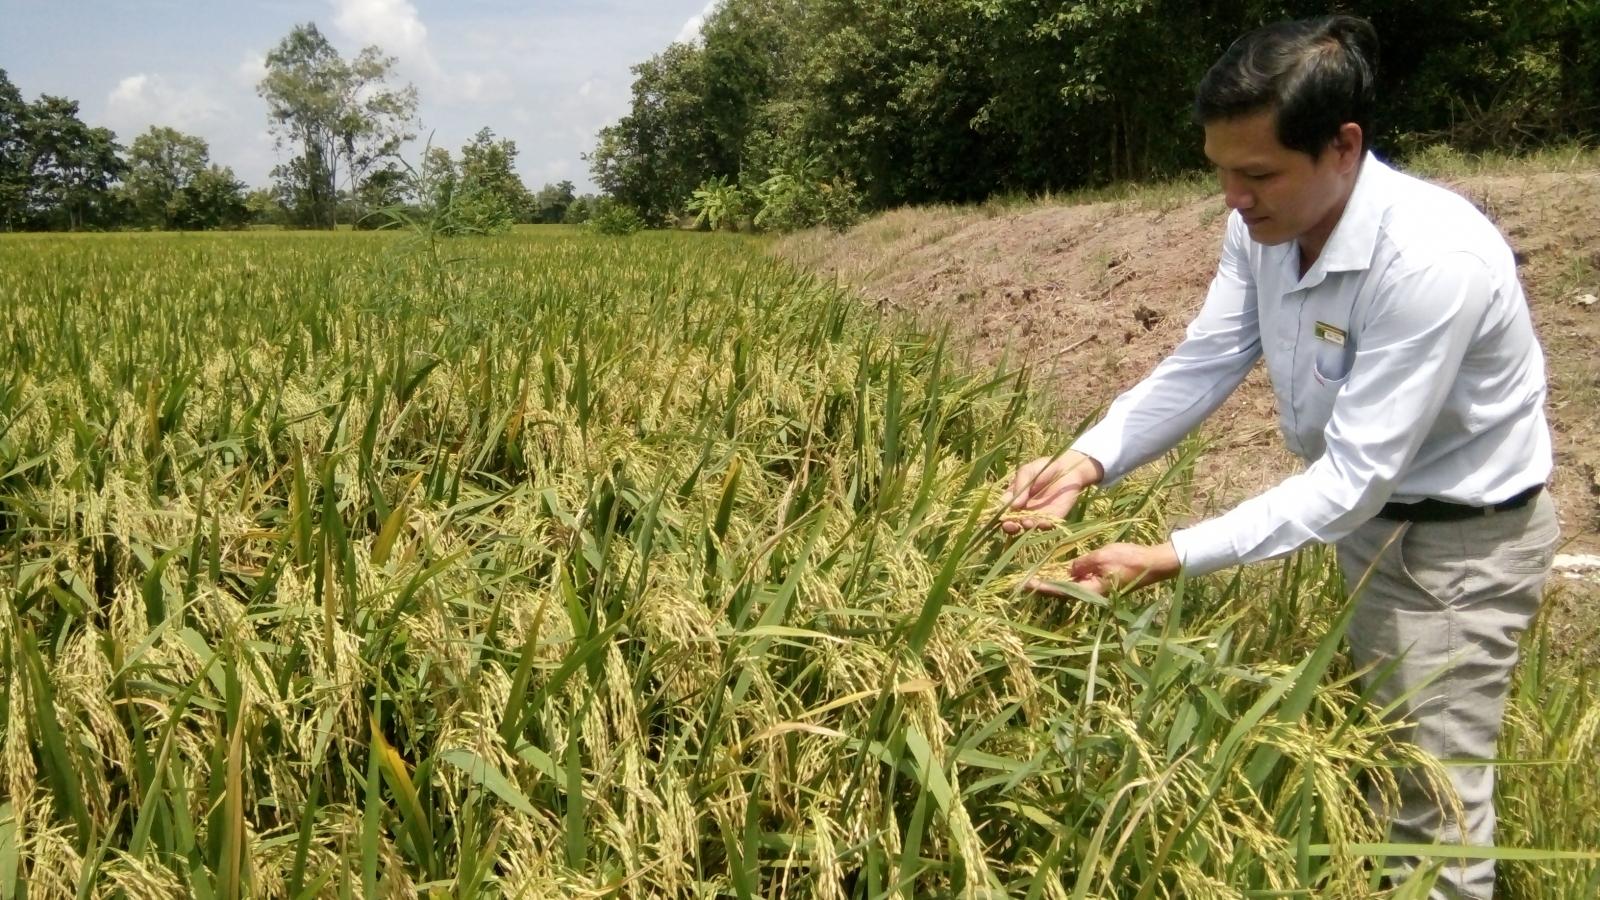 Hợp phần lúa gạo ở vùng ĐBSCL đạt hiệu quả cao sau khi chuyển đổi